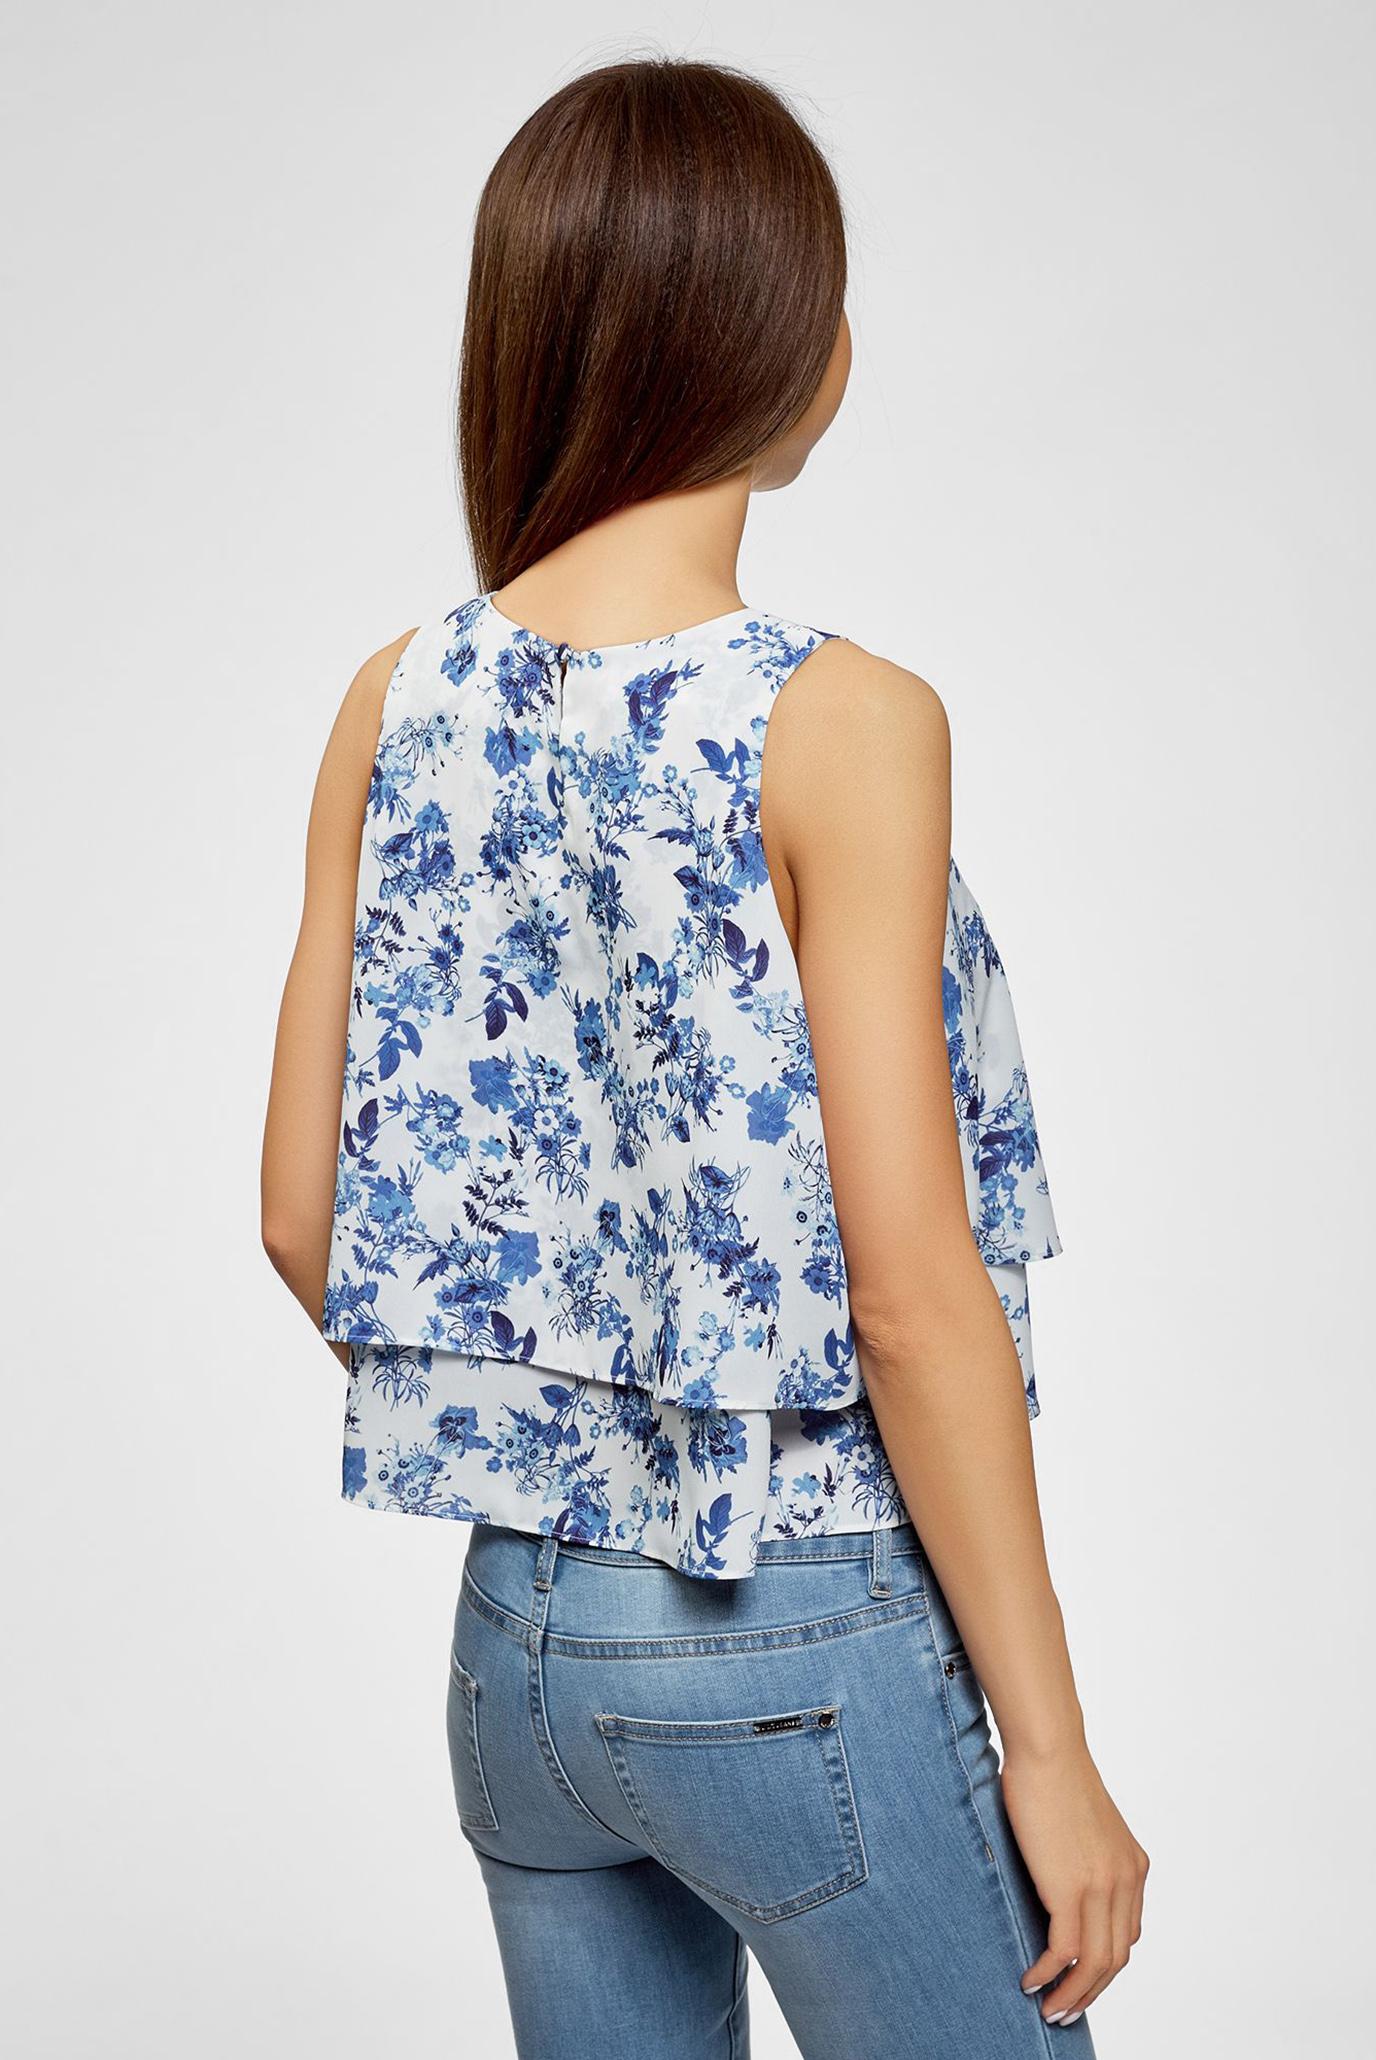 Купить Женская белая блуза с принтом Oodji Oodji 11411162/46796/1075F – Киев, Украина. Цены в интернет магазине MD Fashion